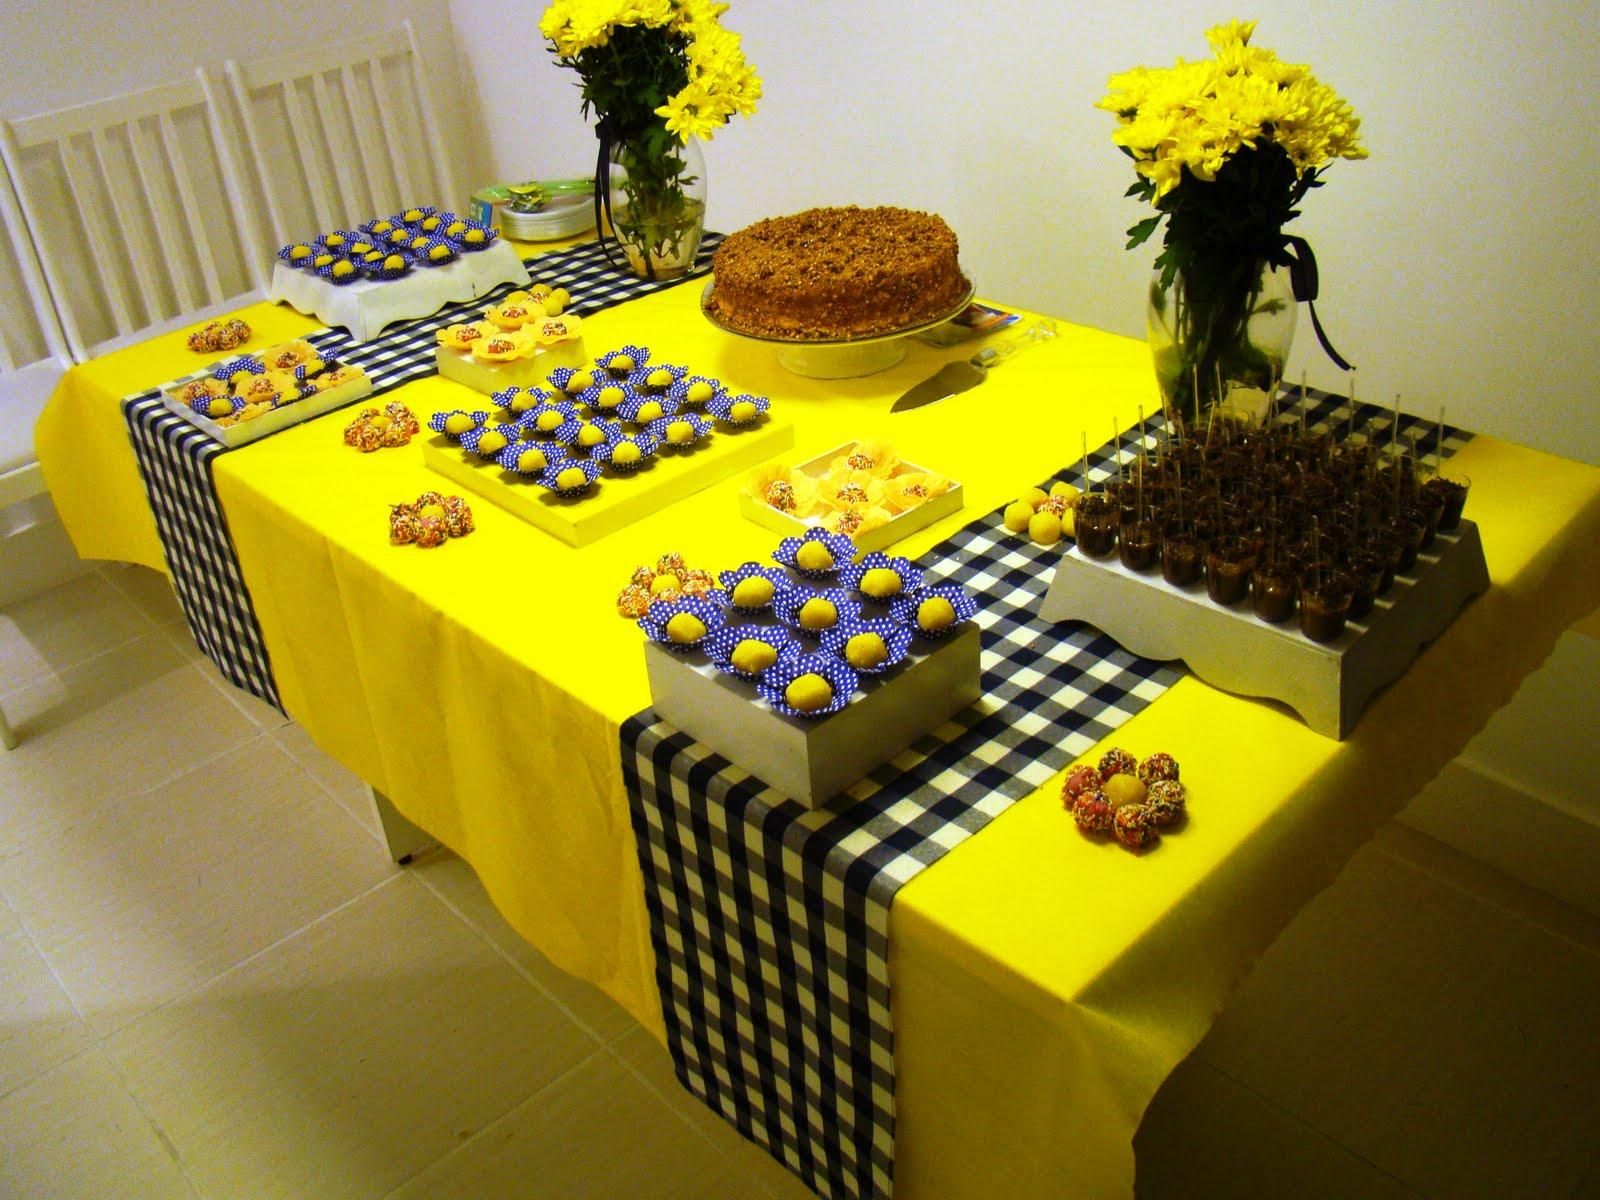 decoracao de igreja azul e amarelo : decoracao de igreja azul e amarelo:TNT amarelo para a toalha da mesa e 1 faixas de tecido de xadrez azul